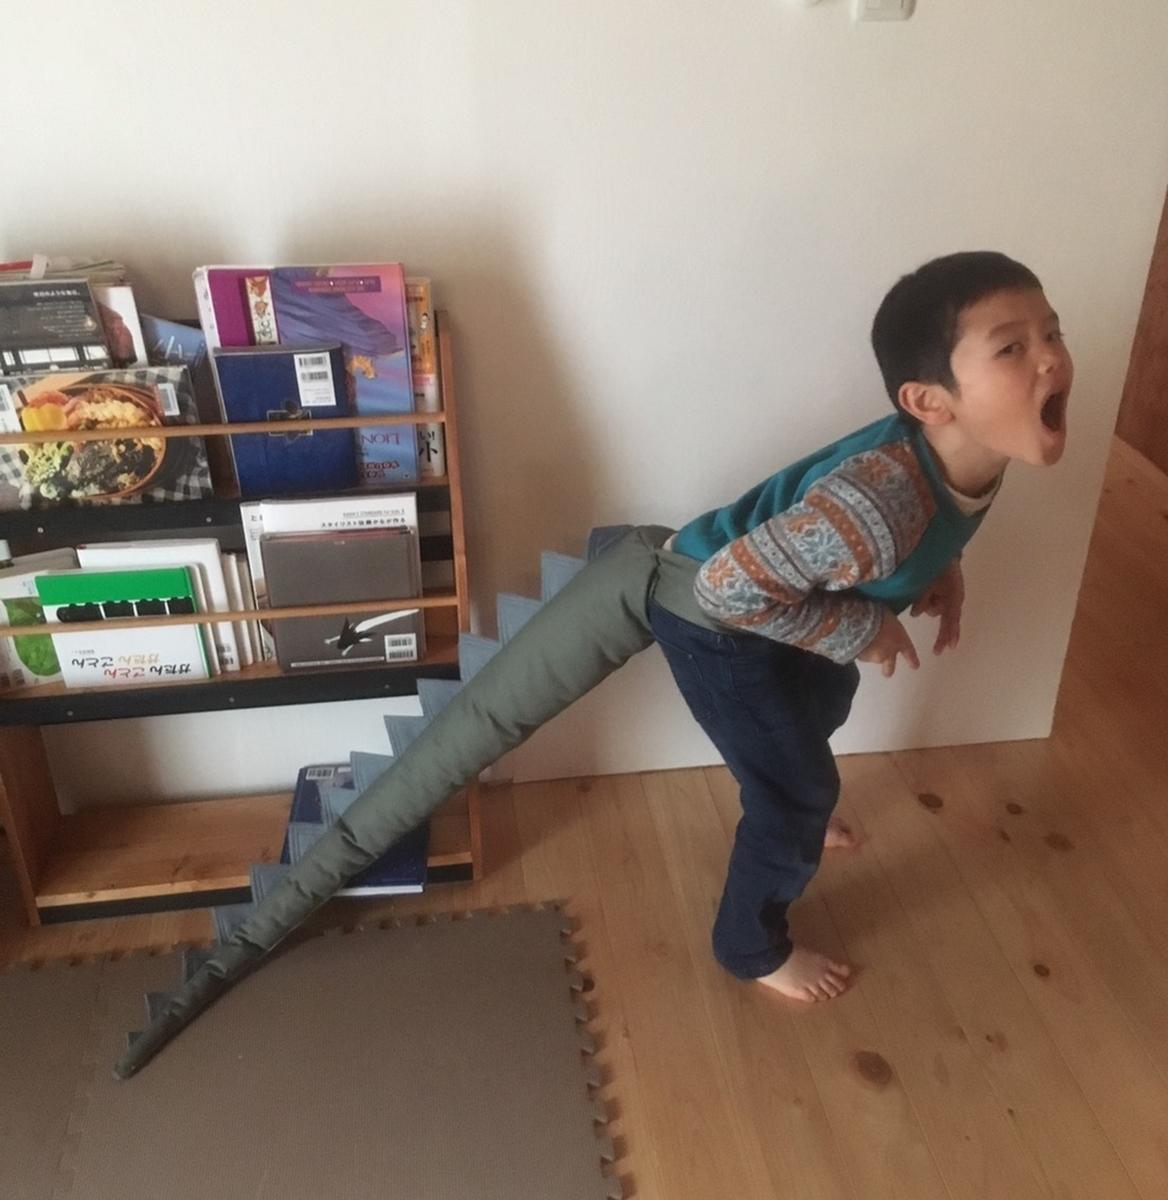 恐竜のしっぽを付けて恐竜になりきっている子供